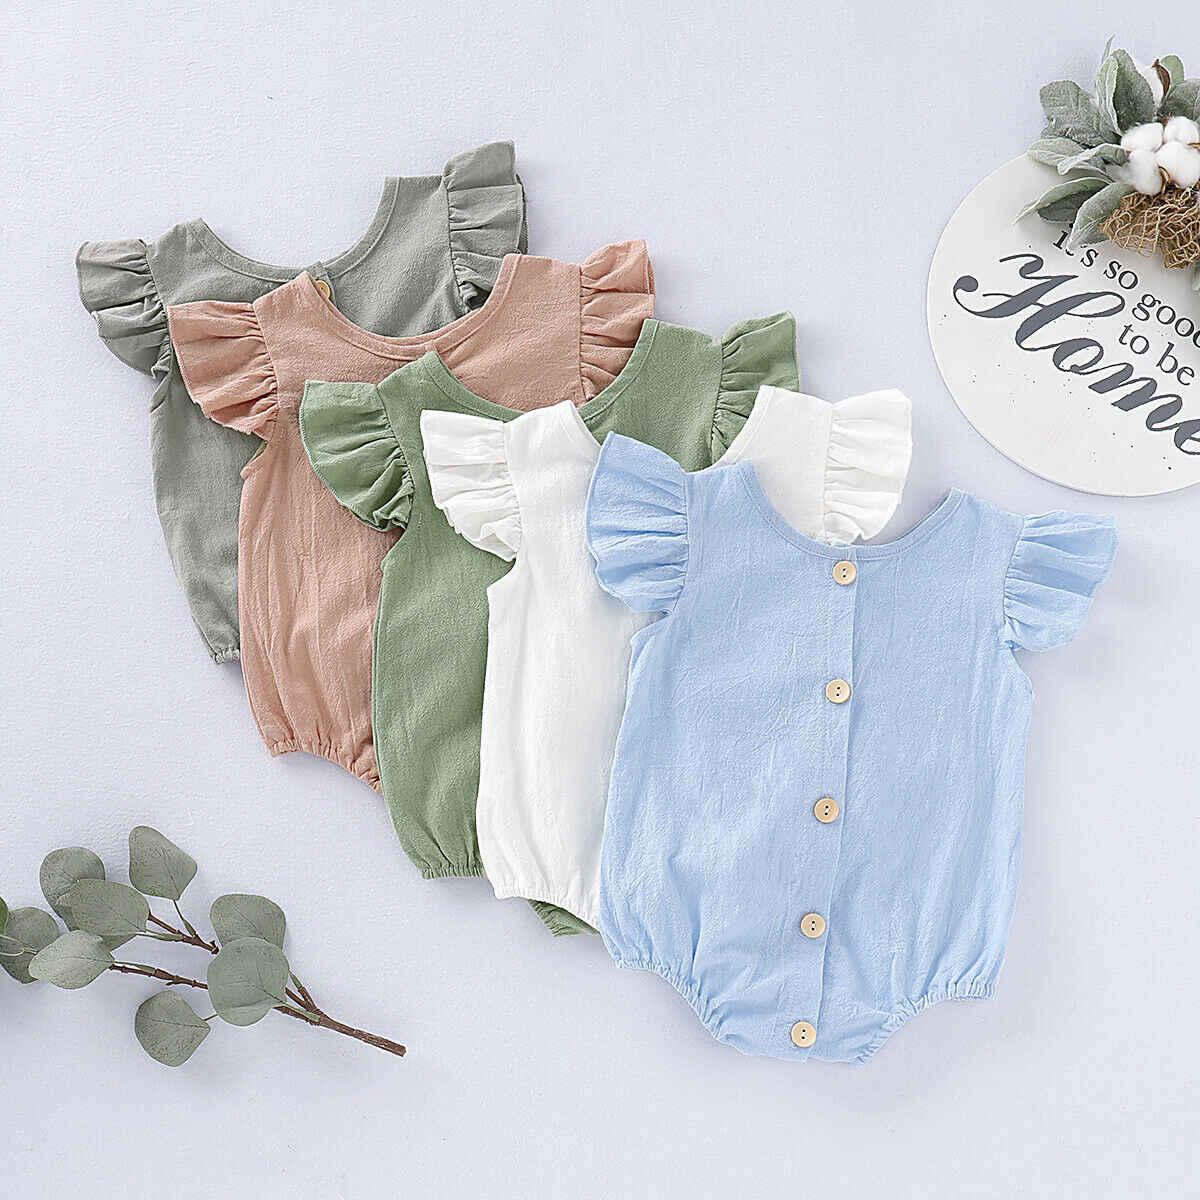 2019 летняя одежда для малышей милые младенцы обувь мальчиков Корректирующие боди женщин однотонная одежда оборками Fly короткий рукав